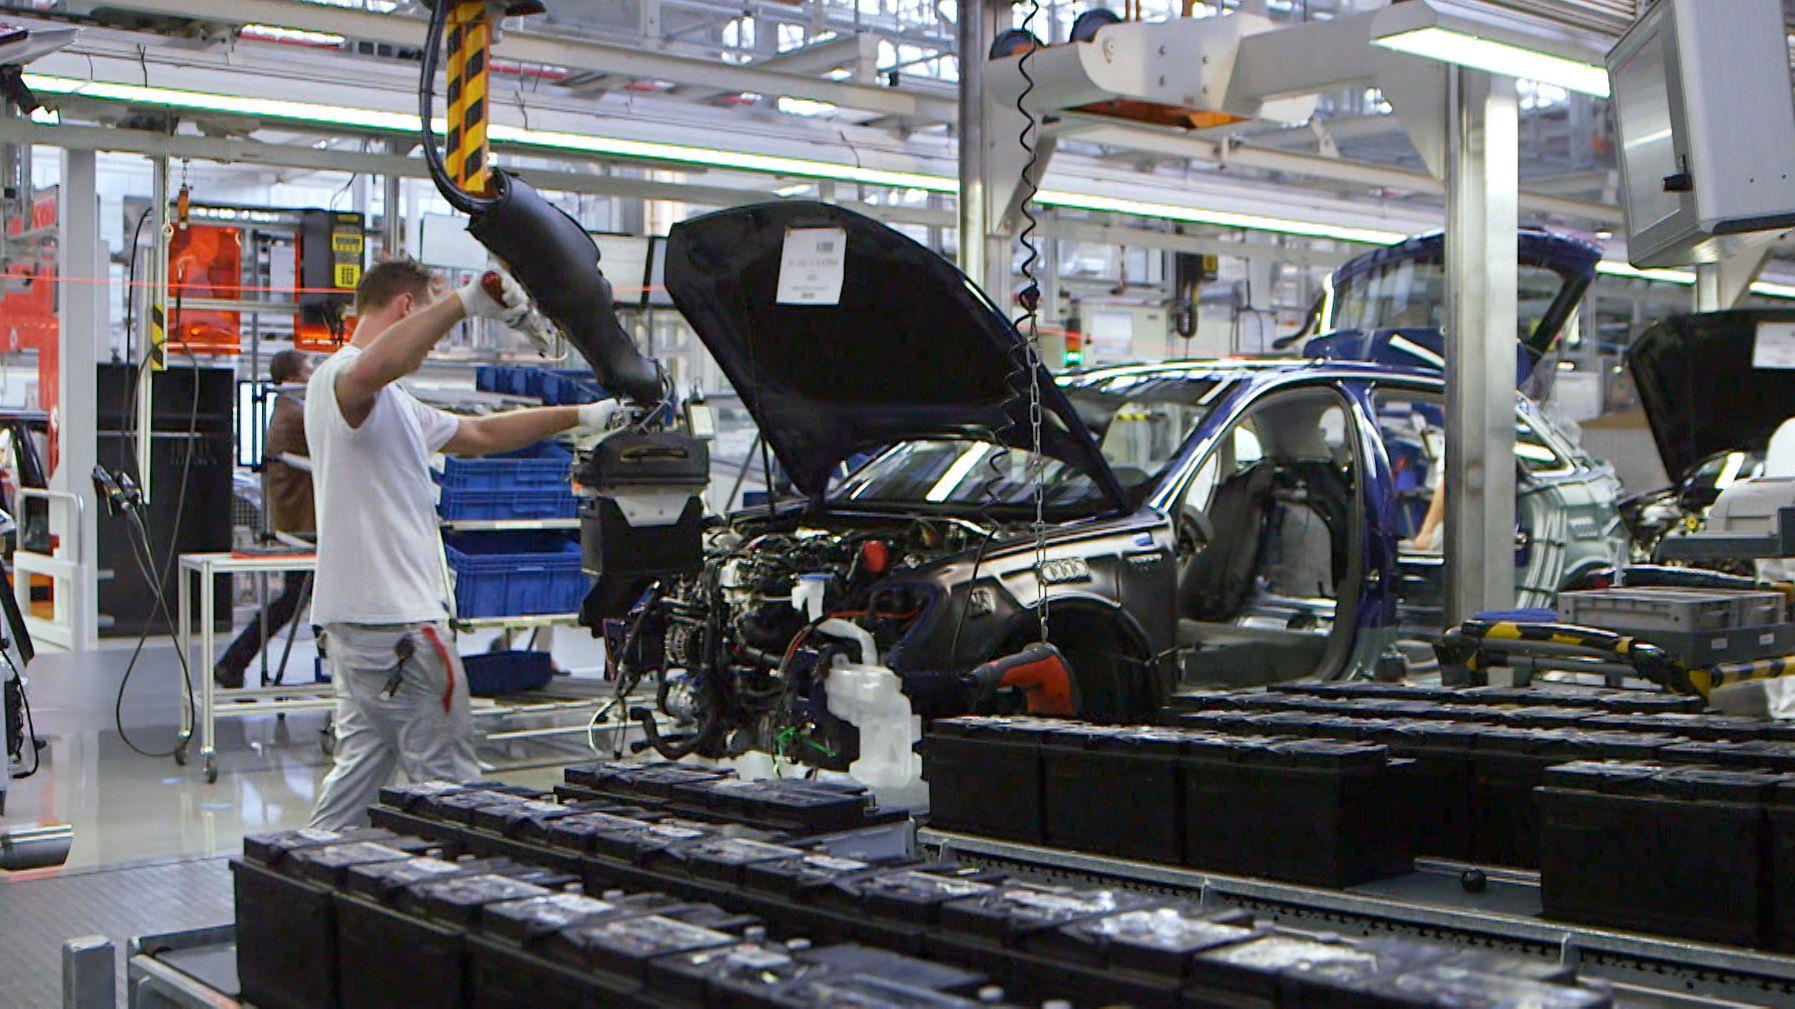 In einer Montagehalle baut eine Fachkraft PKW-Teile zusammen.